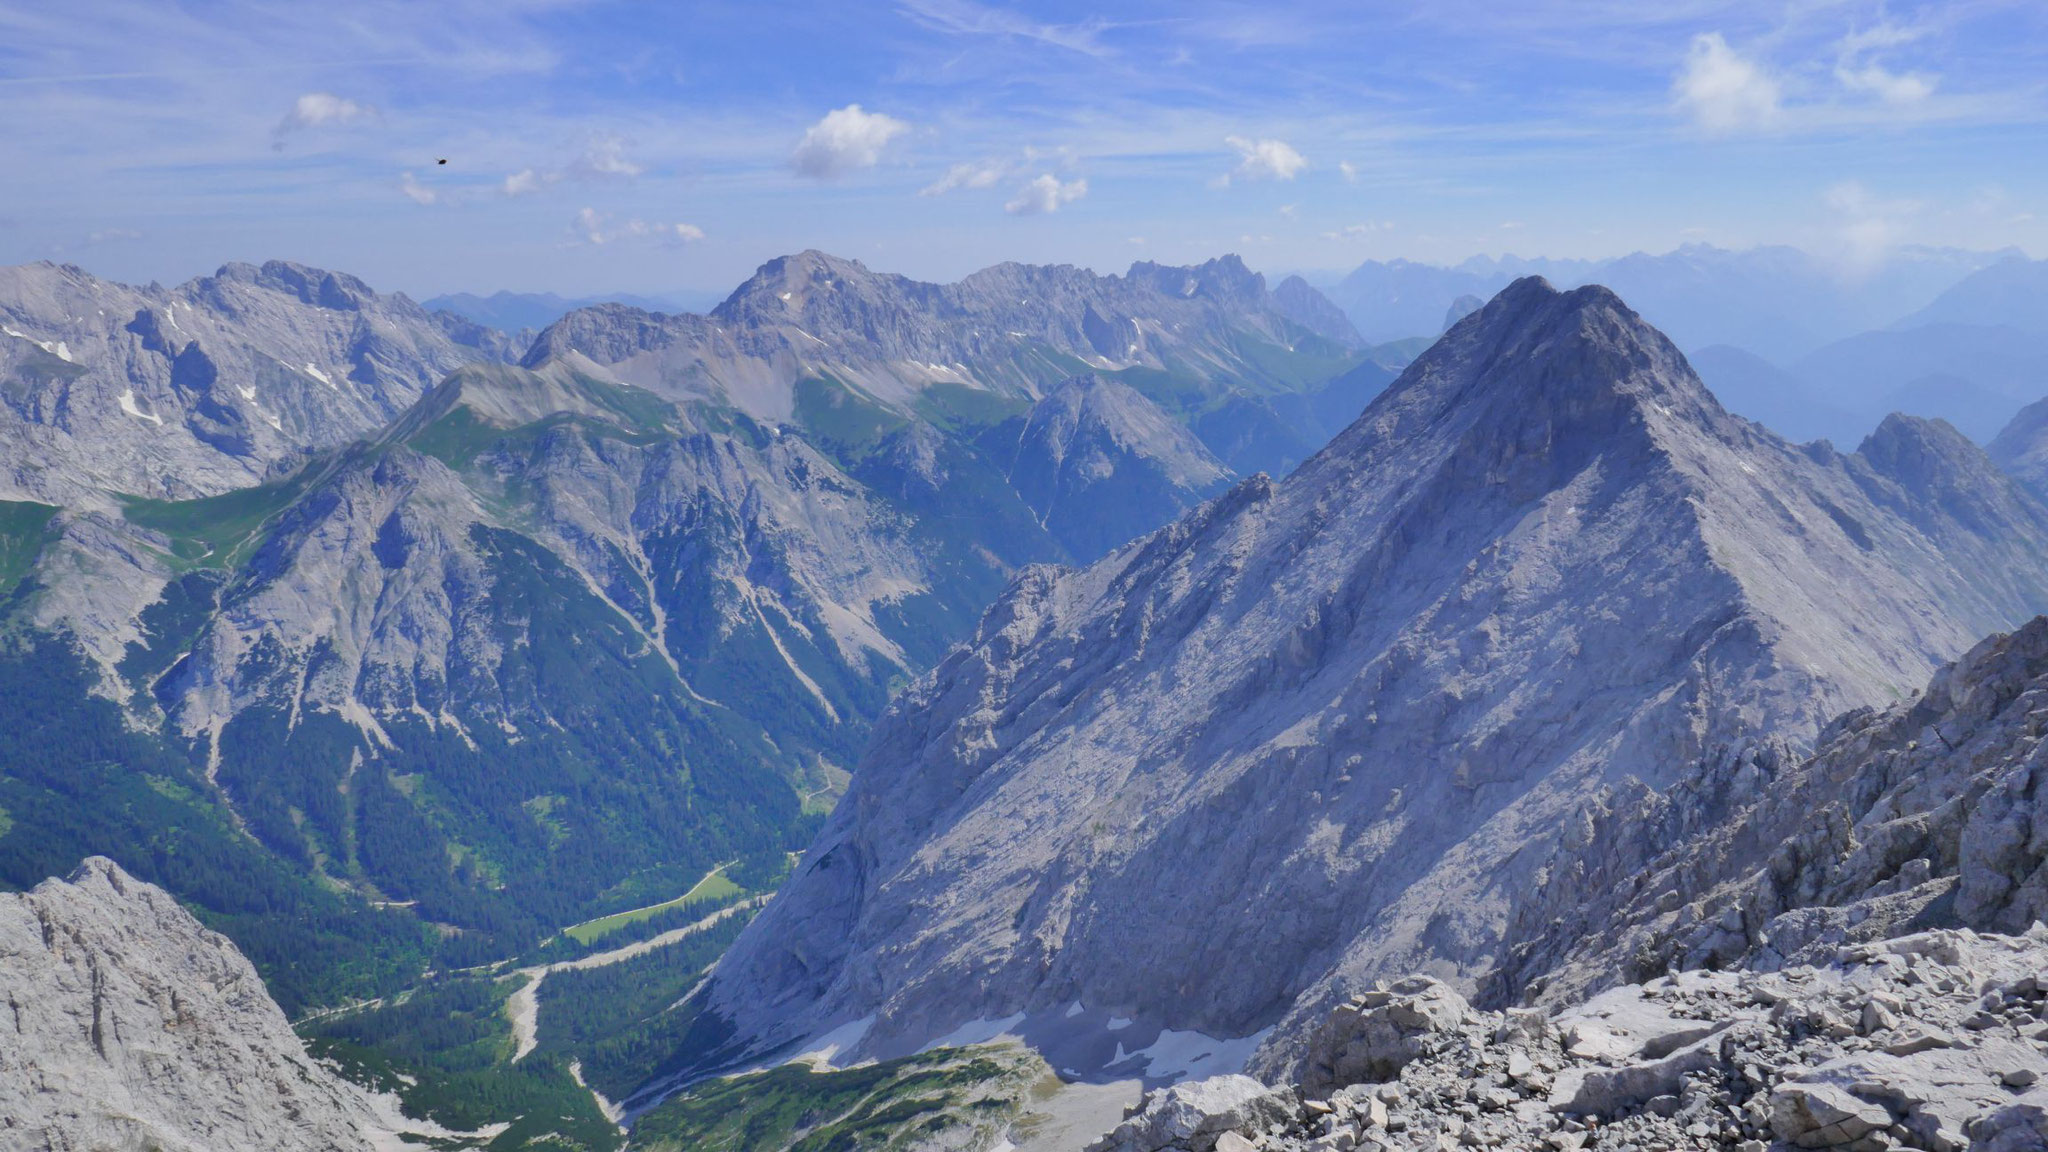 Östliches Wetterstein, Ostteil der Mieminger, am Horizont das Karwendel